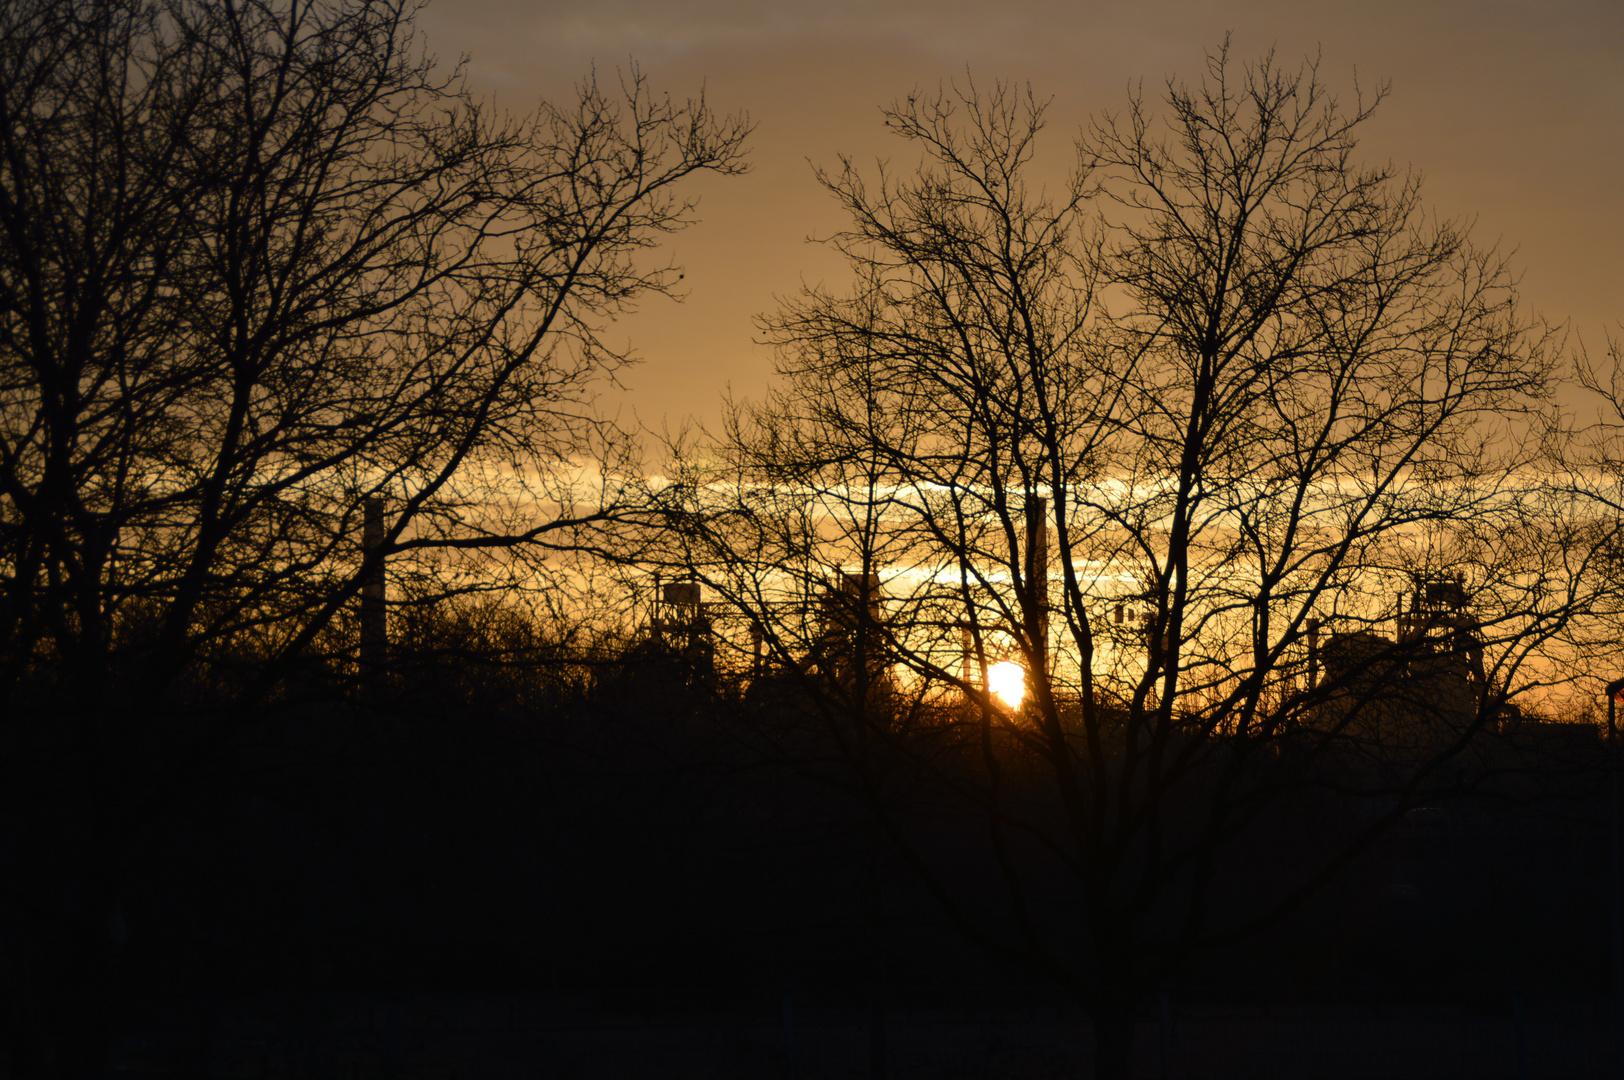 Sonnenaufgang am Landschaftspark Nord